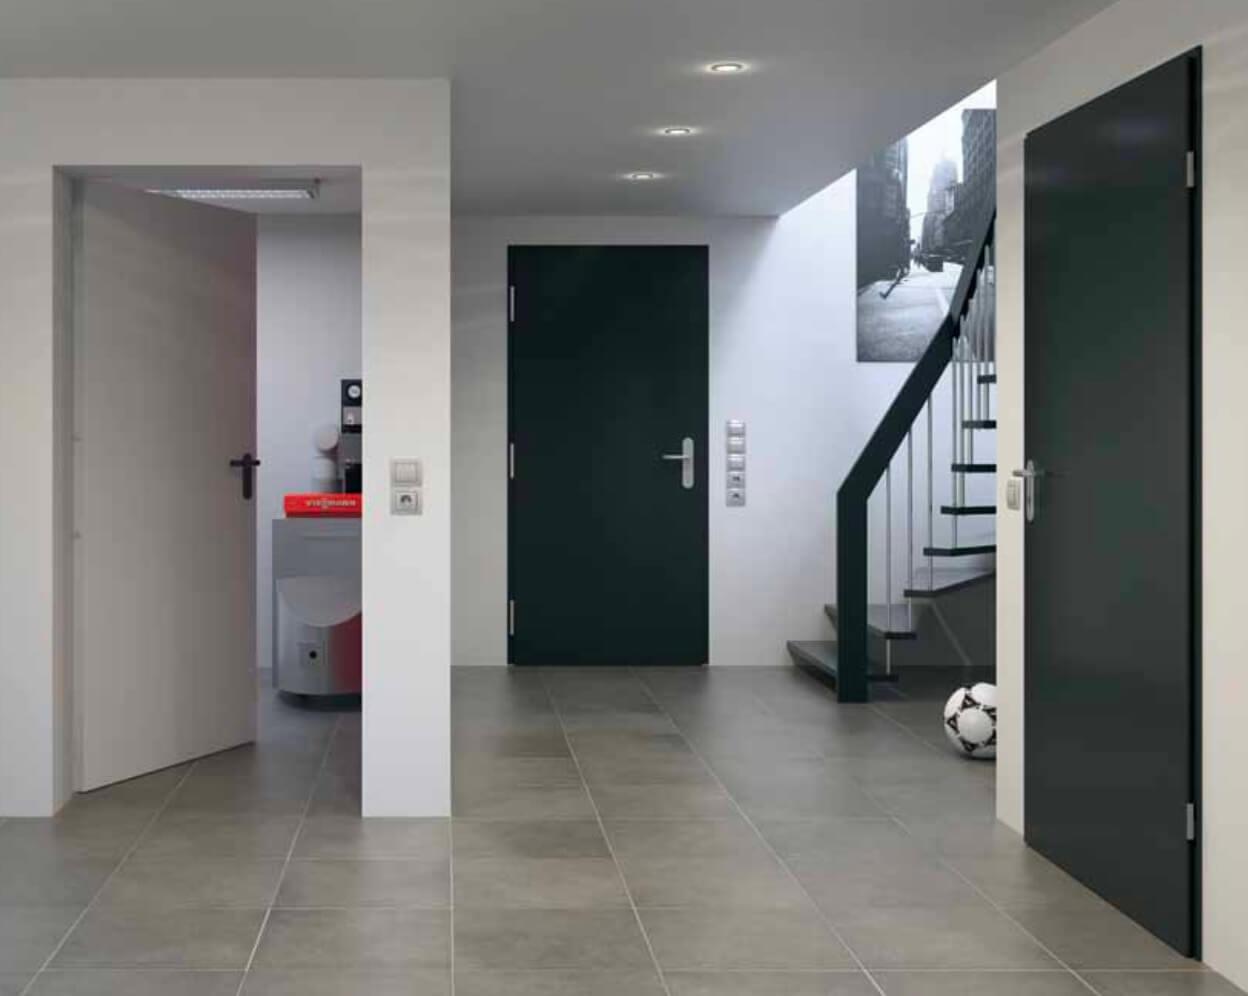 hormann-binnendeur-huisdeur-groningen-bengs-deuren